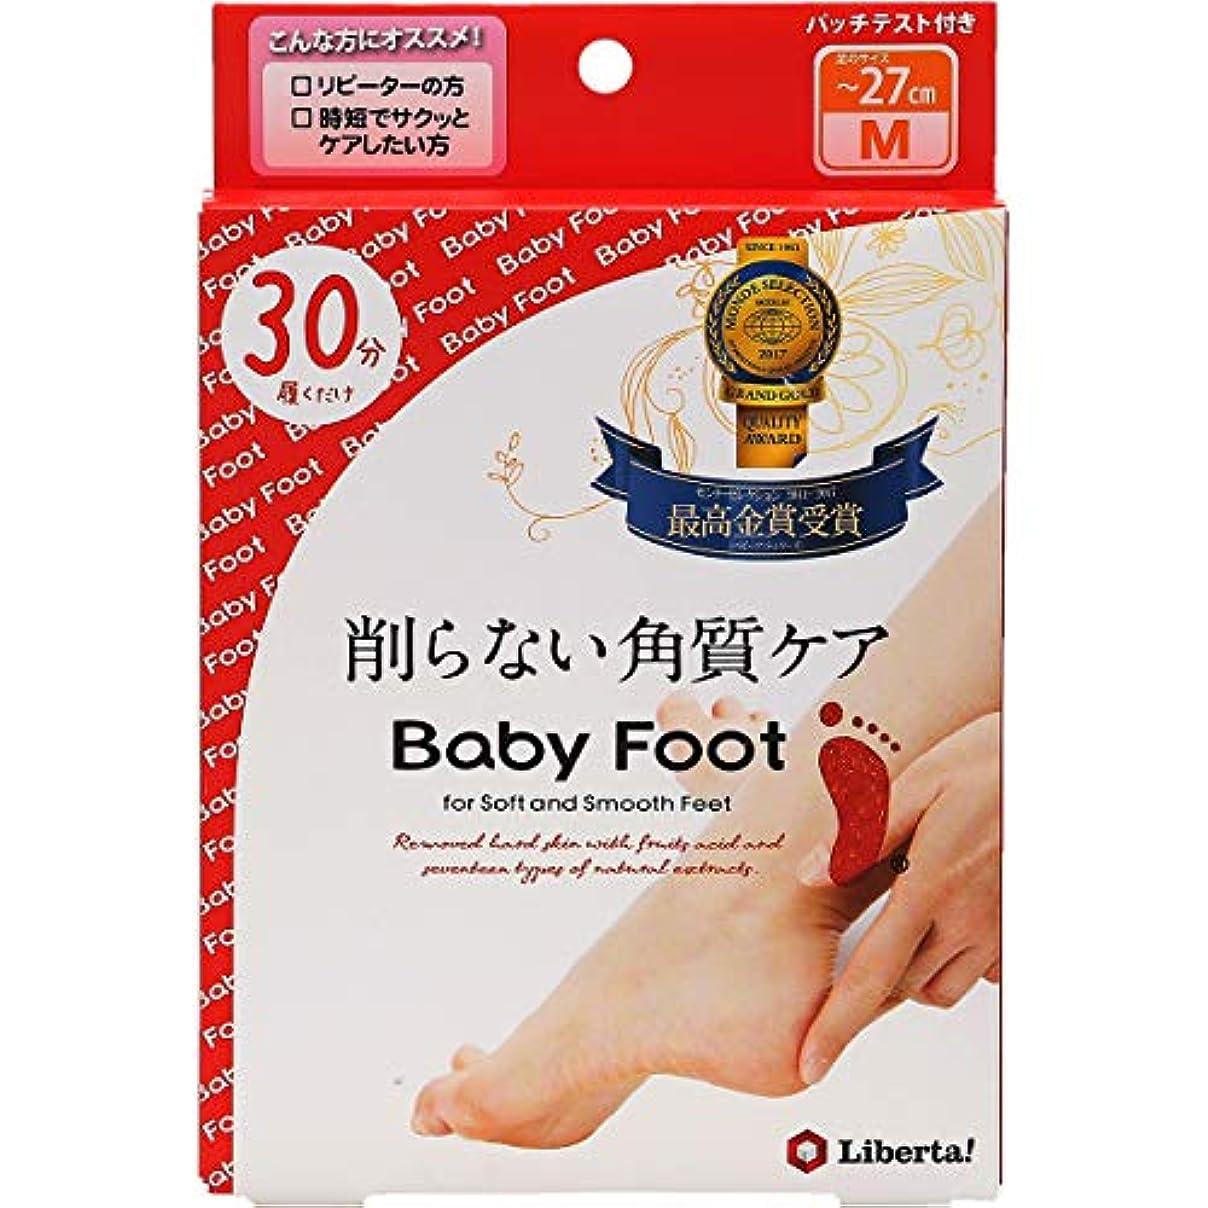 下線雇用者きれいにベビーフット (Baby Foot) ベビーフット イージーパック30分タイプ Mサイズ 単品